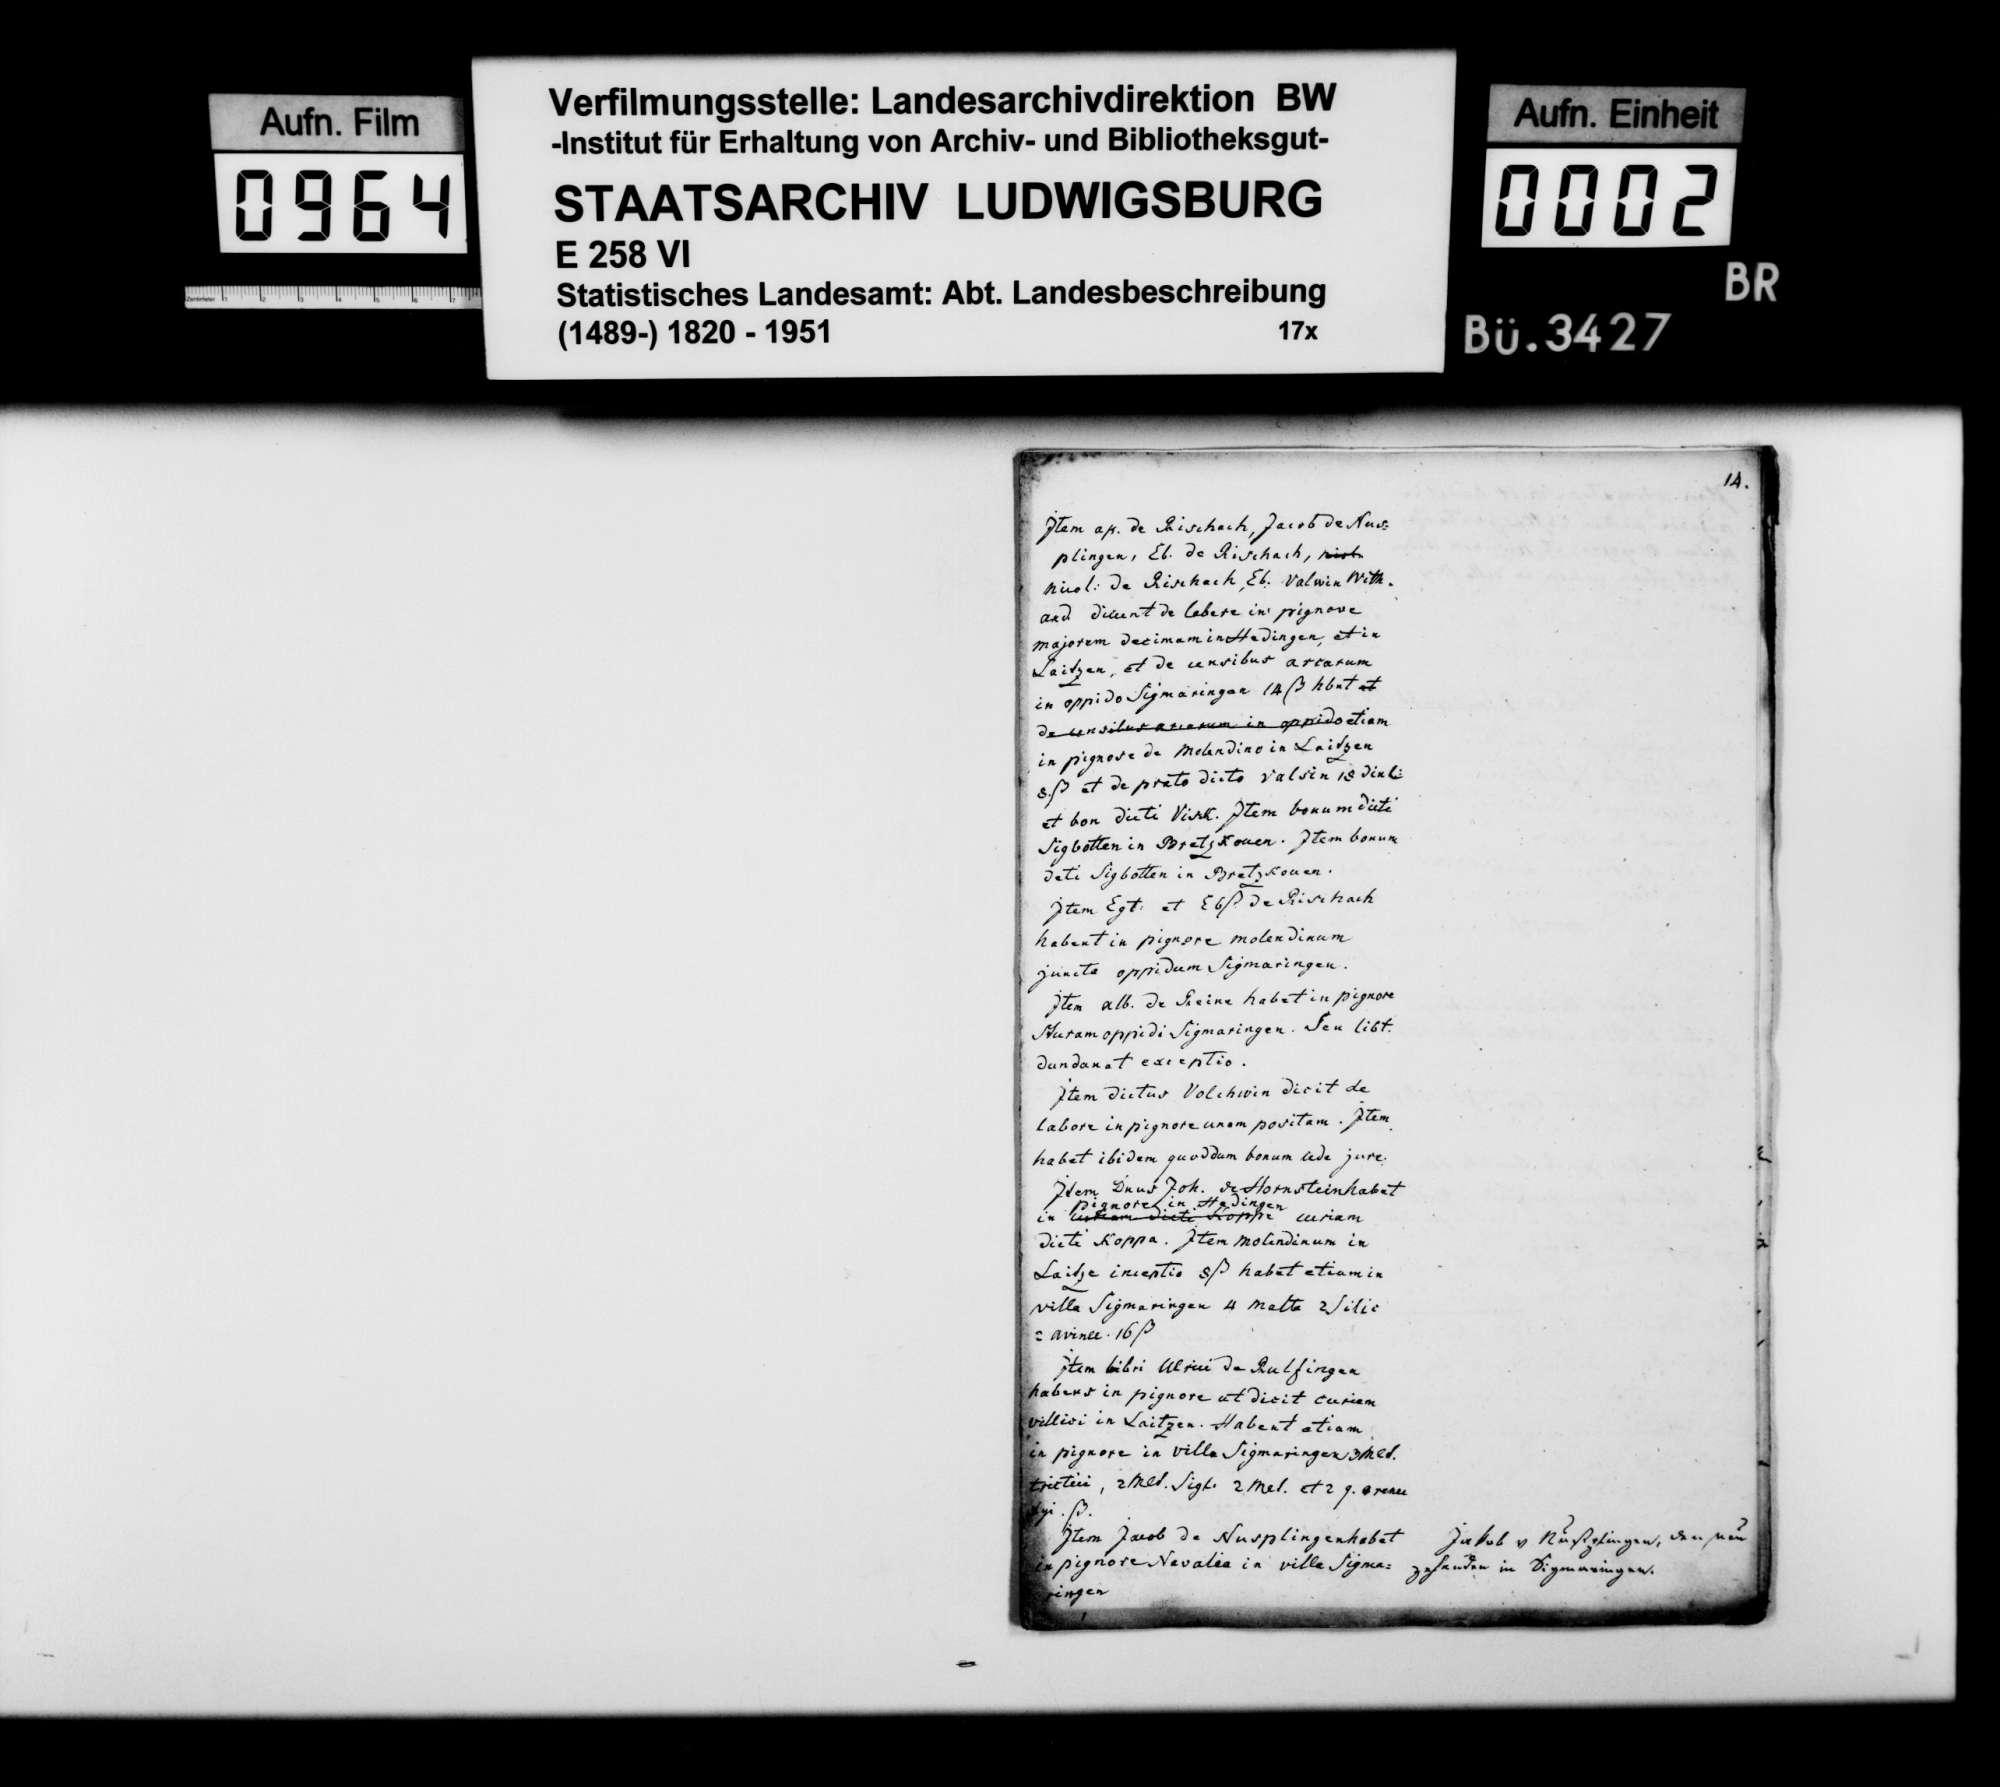 Abschriften und Auszüge [der Kanzlei des STBs] zur mittelalterlichen Adels- und Besitzgeschichte im Oberamtsbezirk und Umgebung, Bild 1